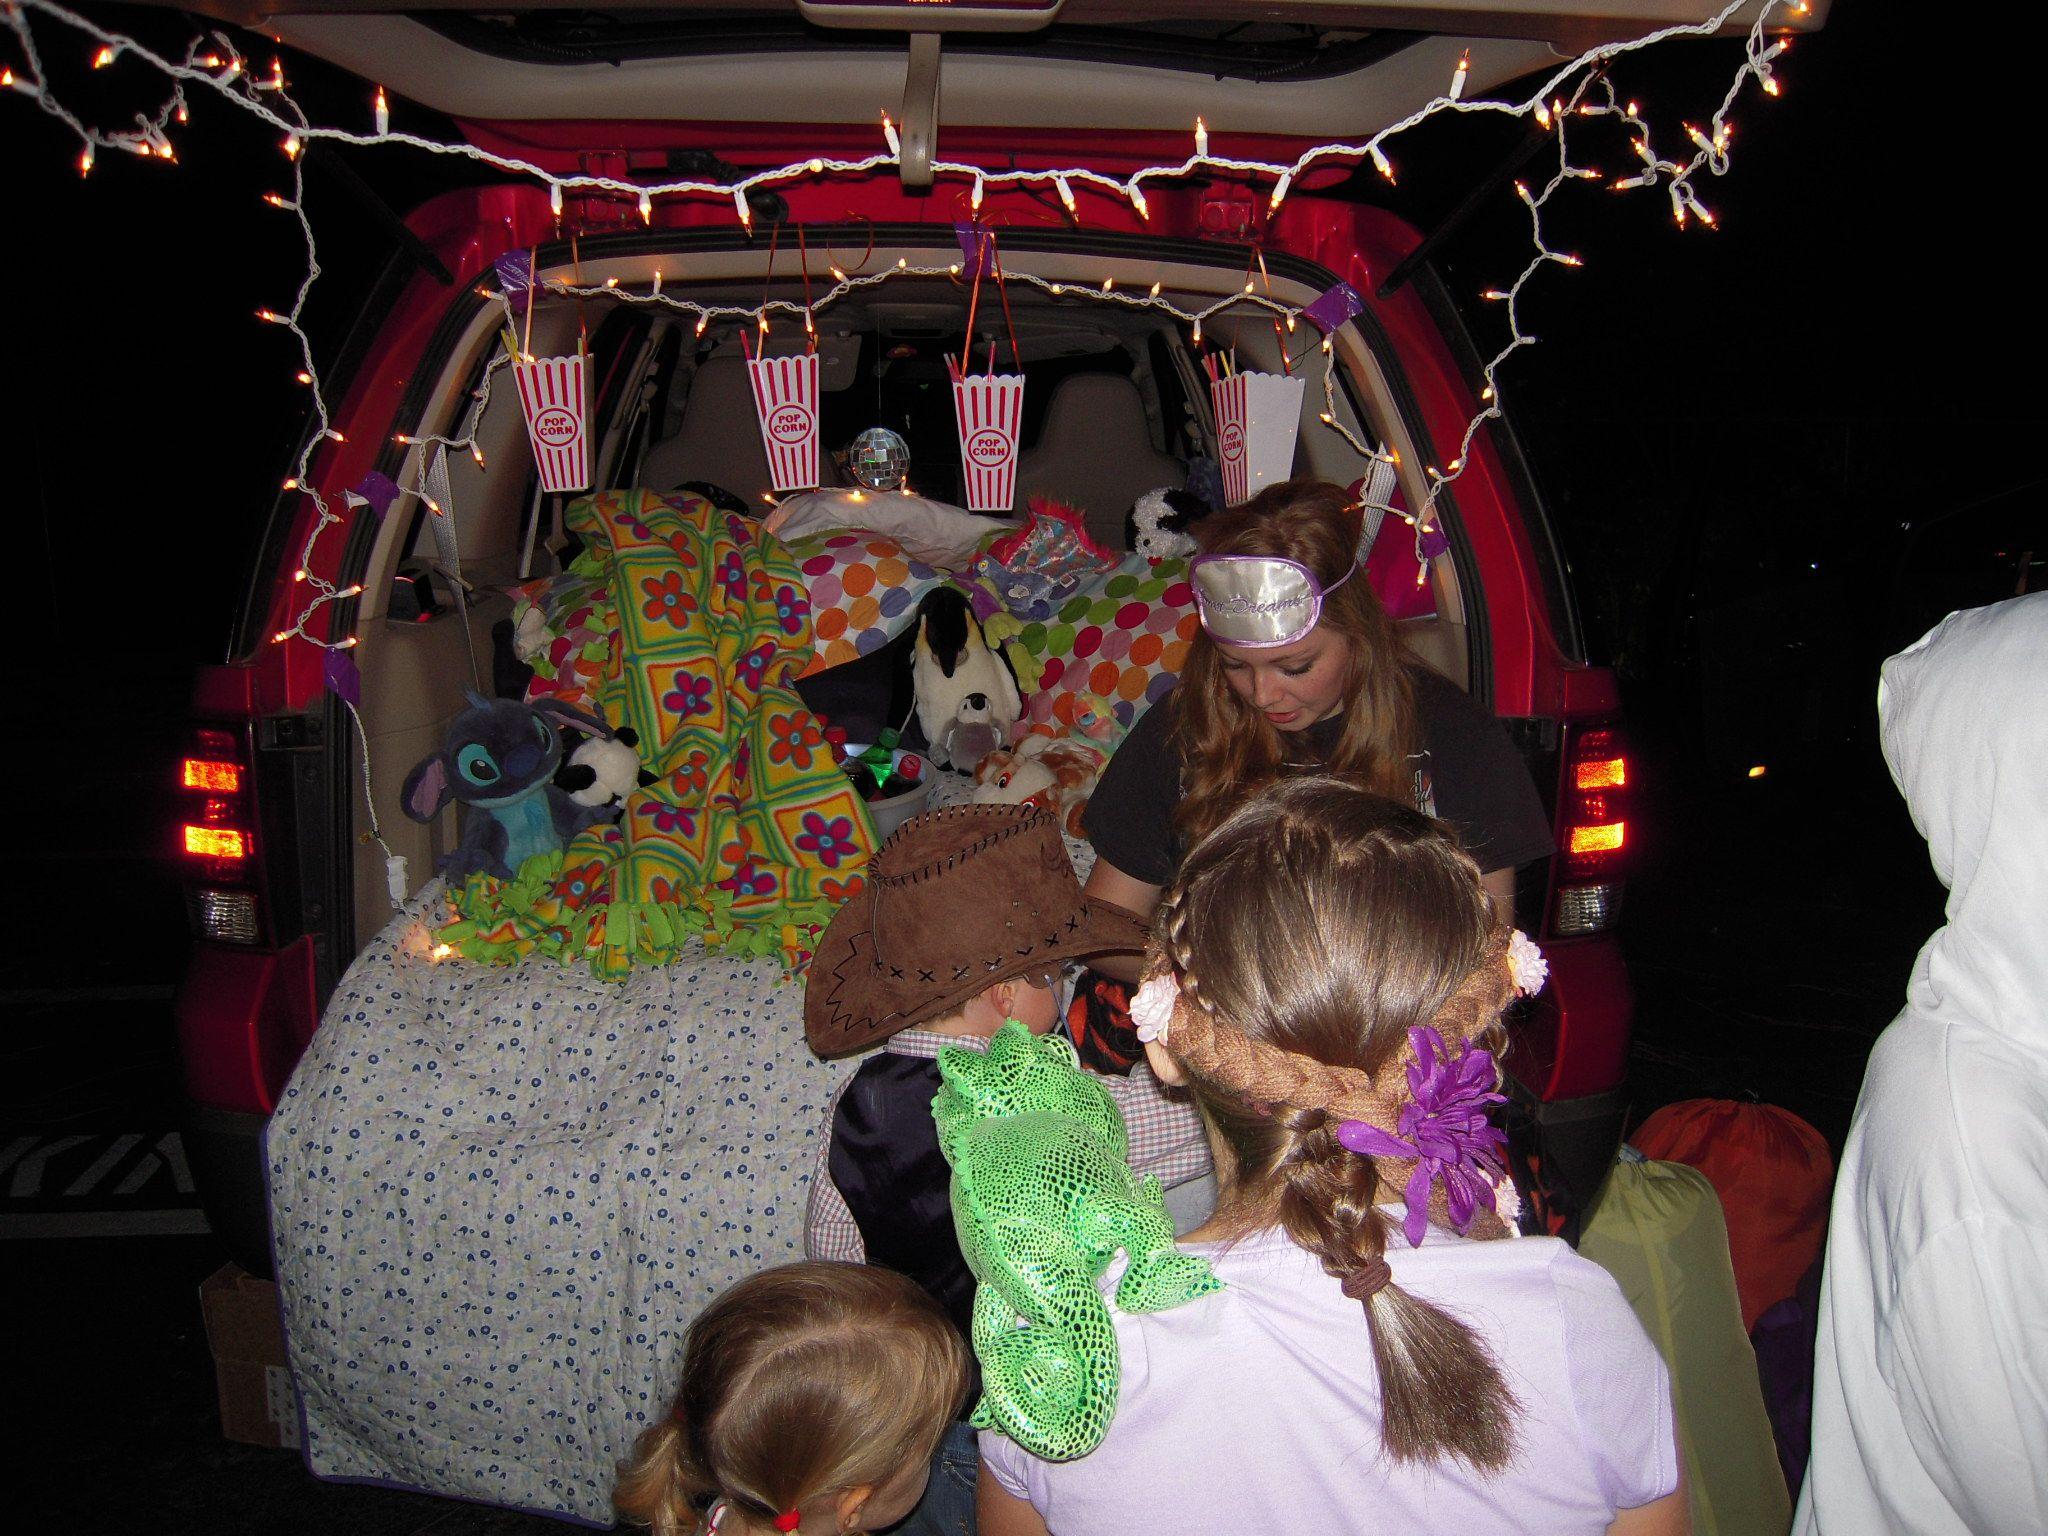 Movie Night Trunk or treat, Movie night, Family night